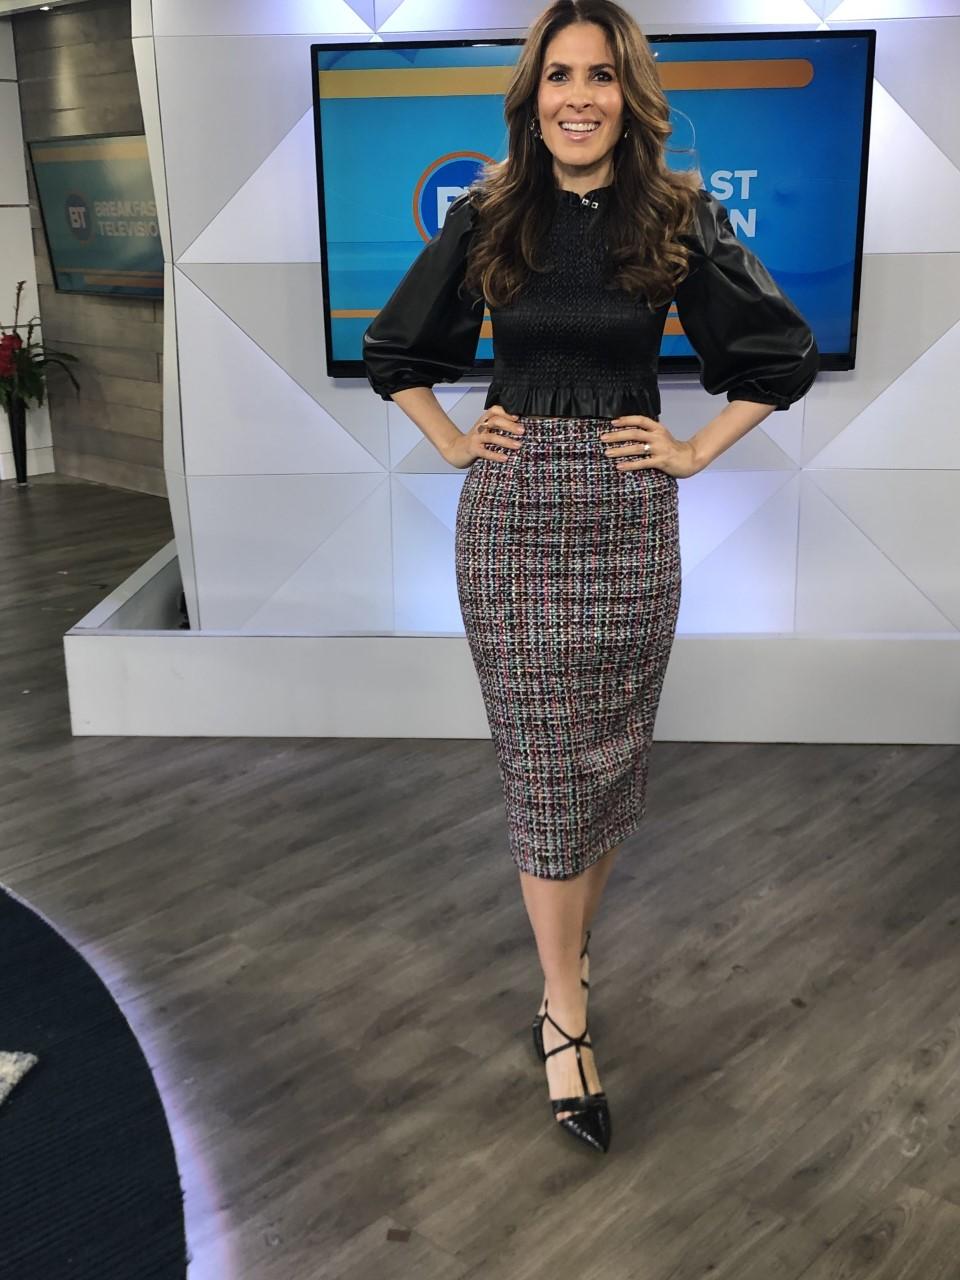 Dina wearing tweed printed skirt with black top